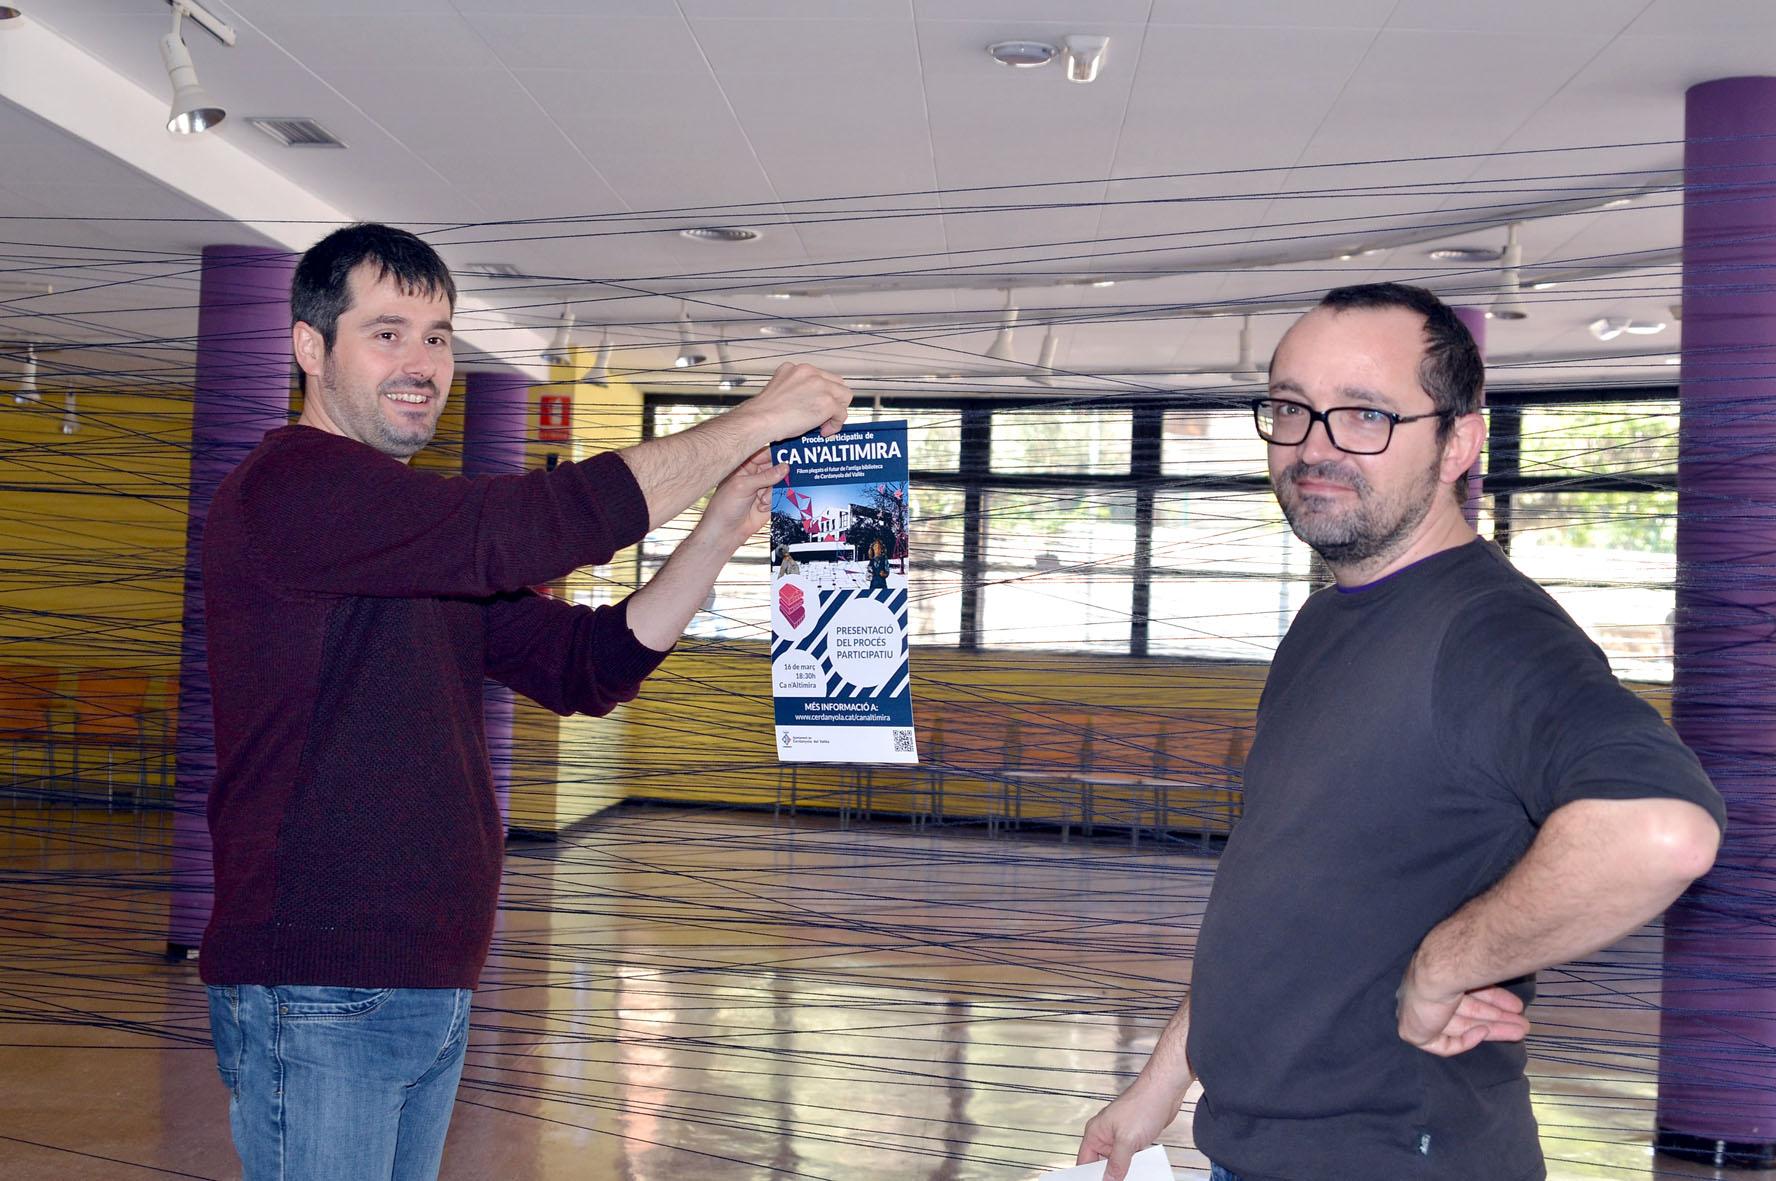 L'alcalde Carles Escolà penja una 'aportació' al procés participatiu, acompanyat del regidor Maurici Jaumandreu